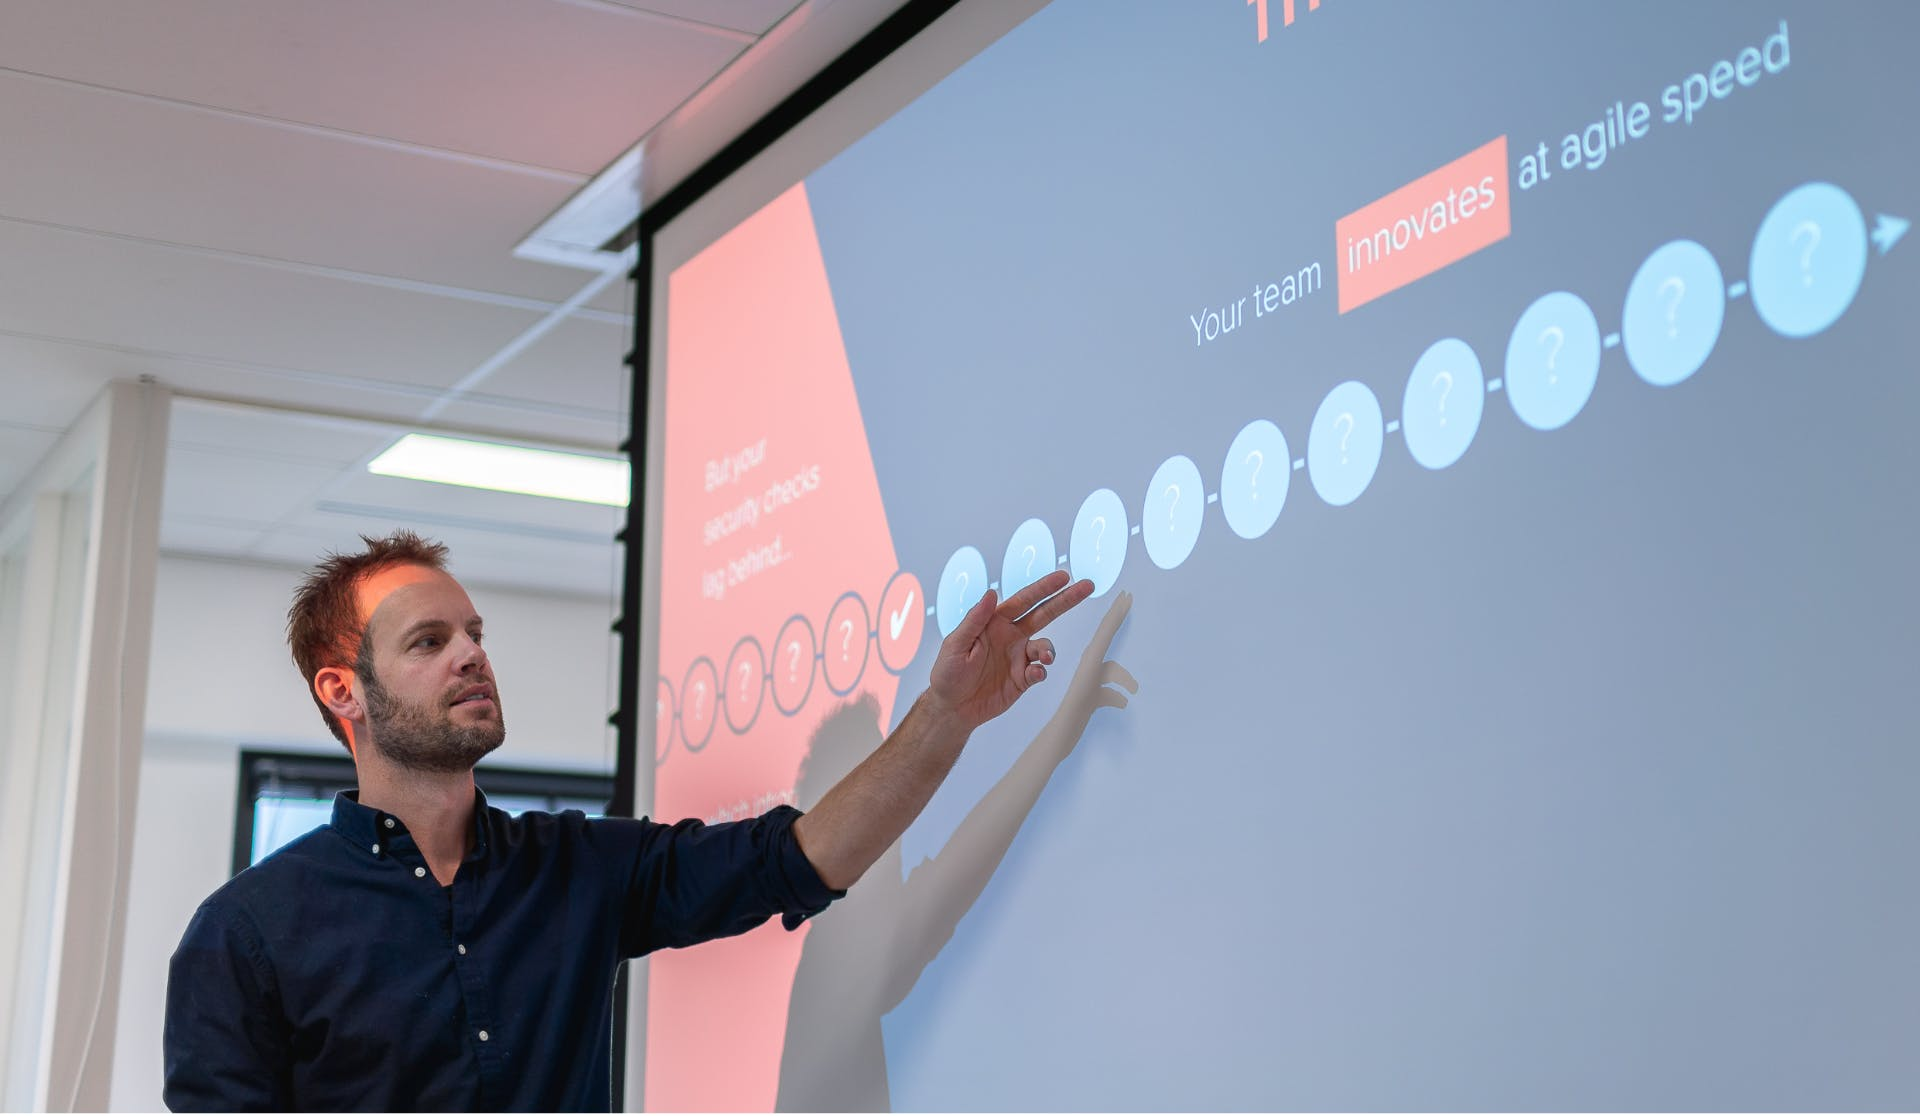 Man pointing at presentation screen